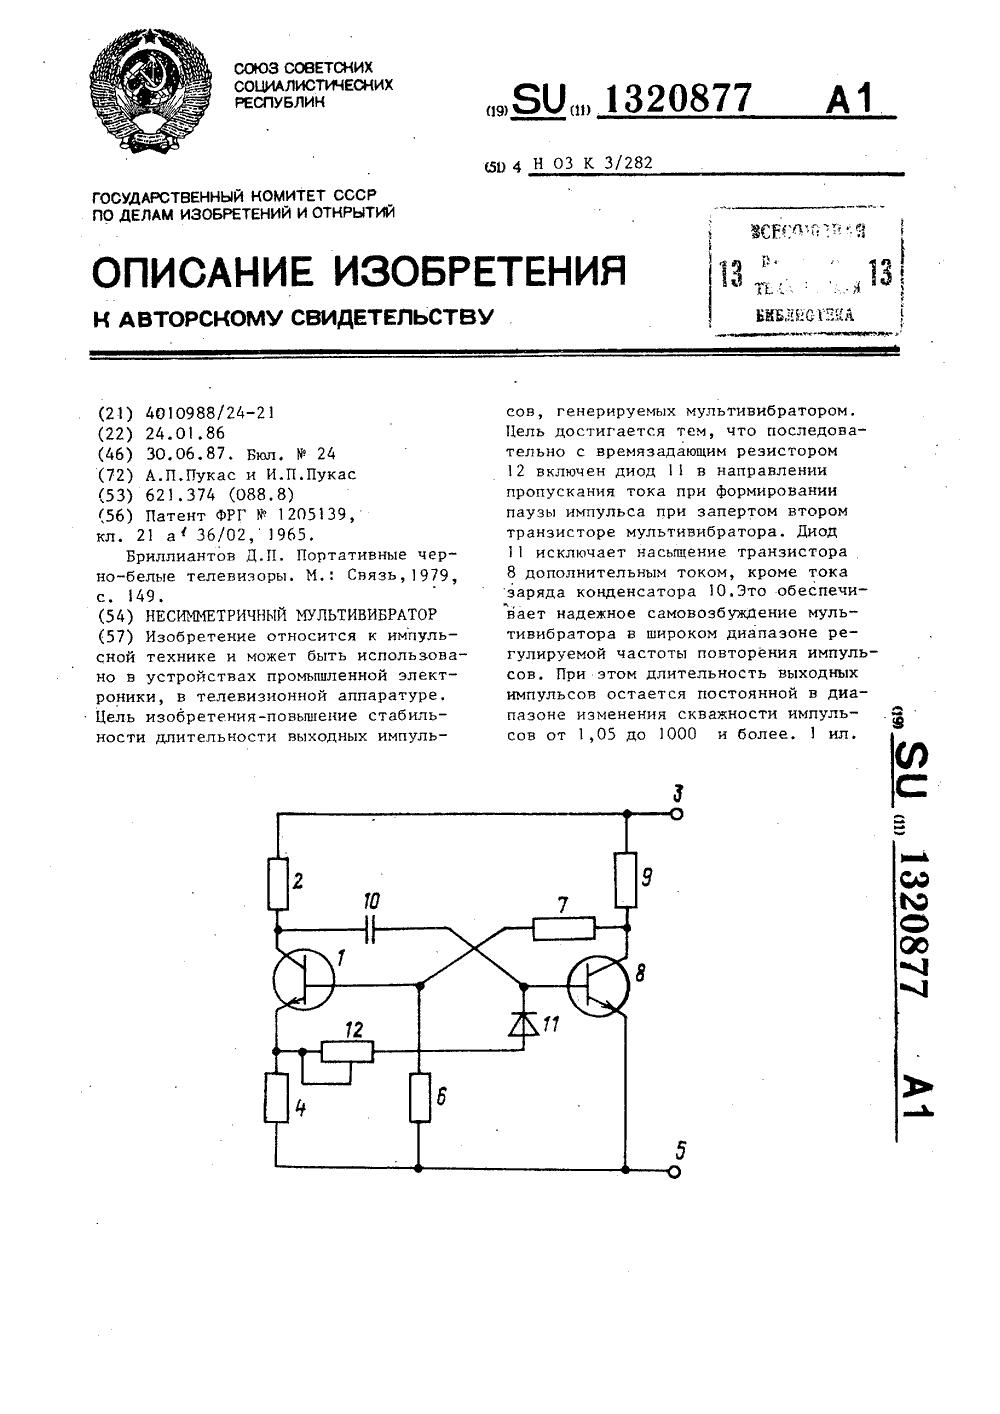 схема симметричного мультивибратора на транзисторах